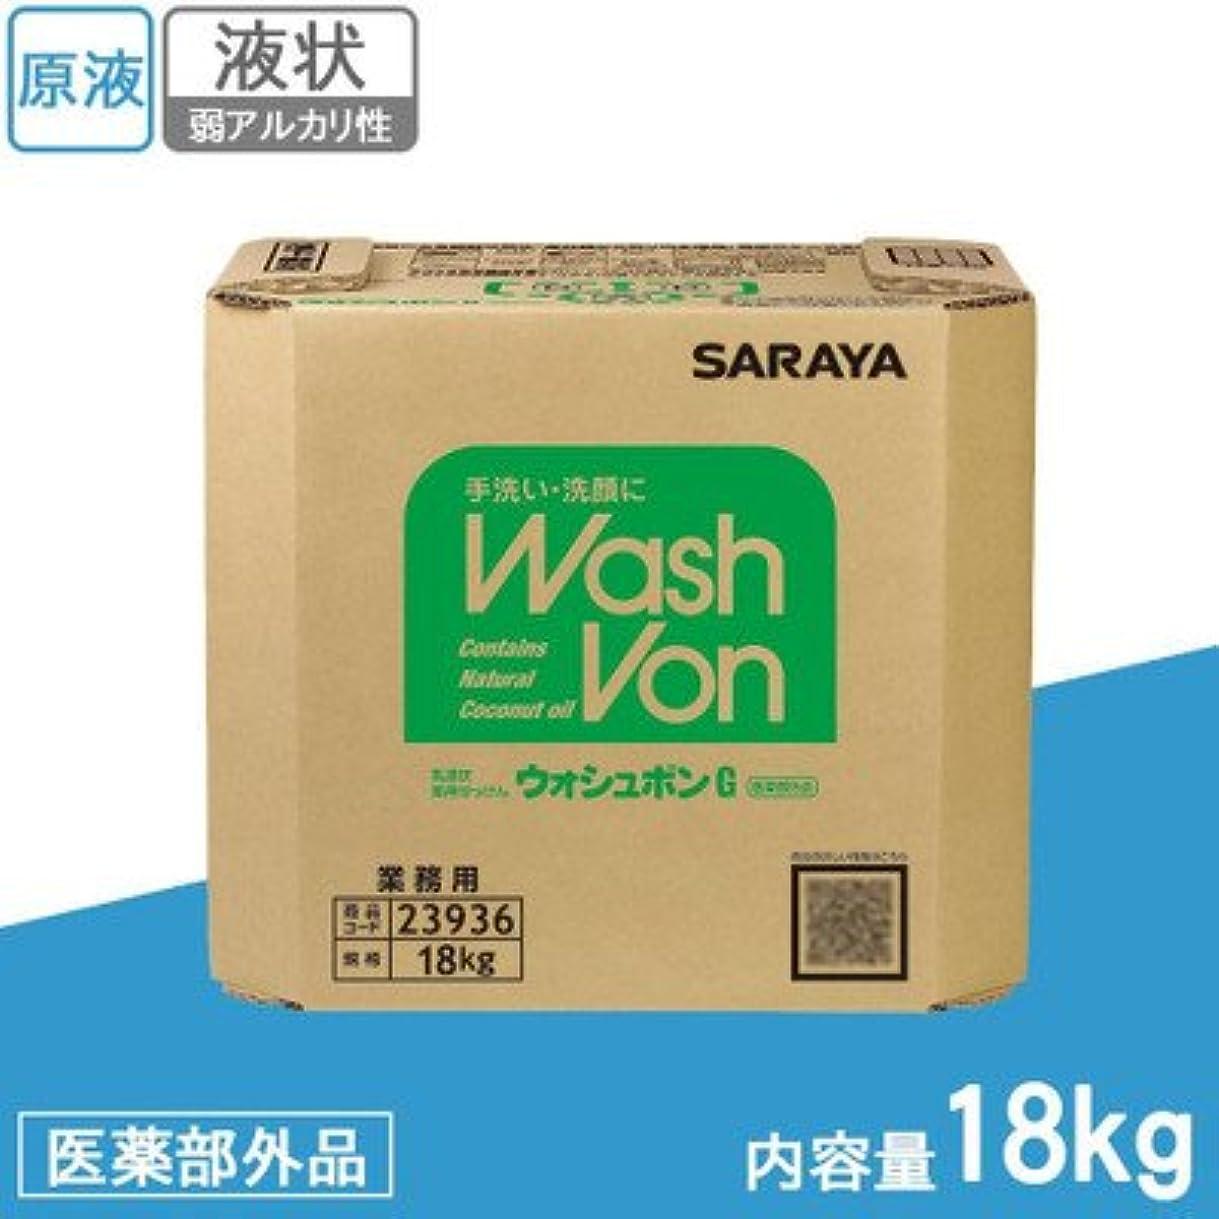 フローラルノートの香りのクリーミィーな白色のせっけん液 サラヤ 業務用 乳液状薬用せっけん ウォシュボンG 18kg BIB 23936 医薬部外品